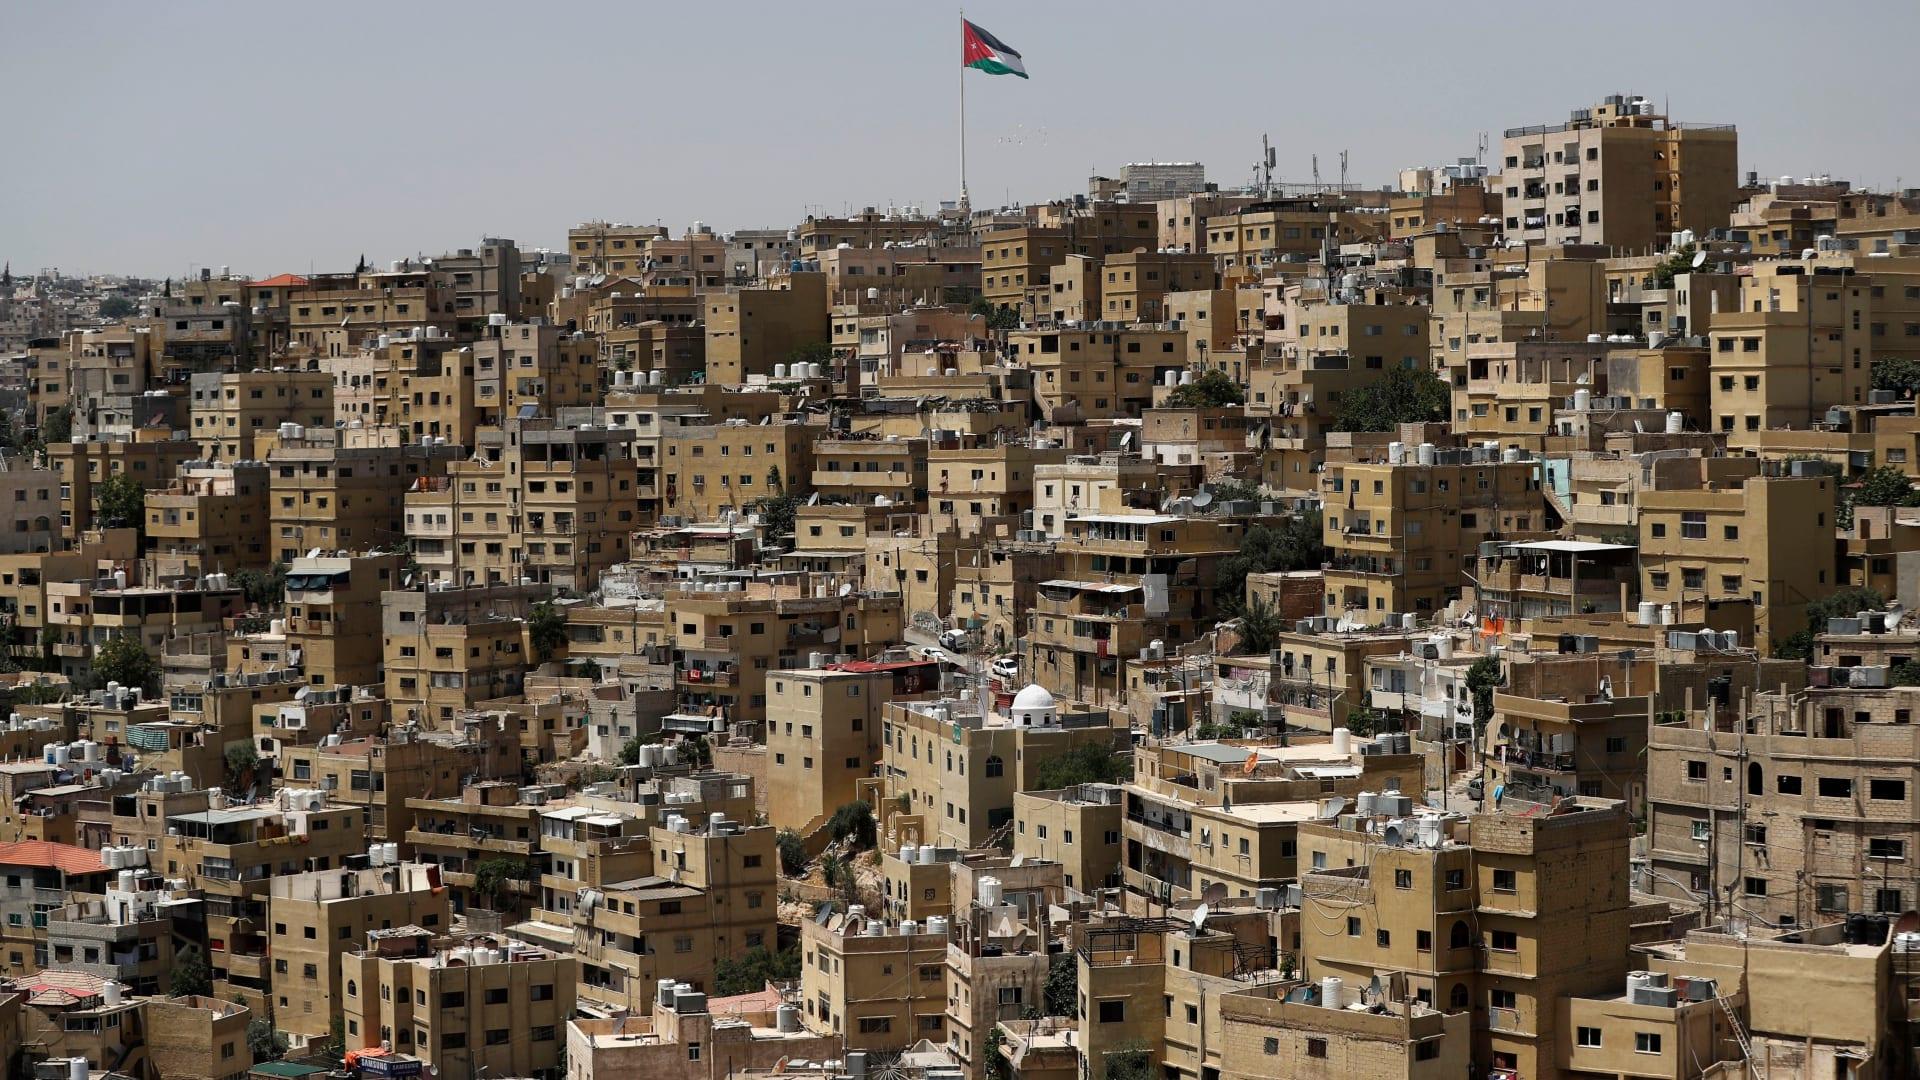 صورة أرشيفية عامة من العاصمة الأردنية، عمان